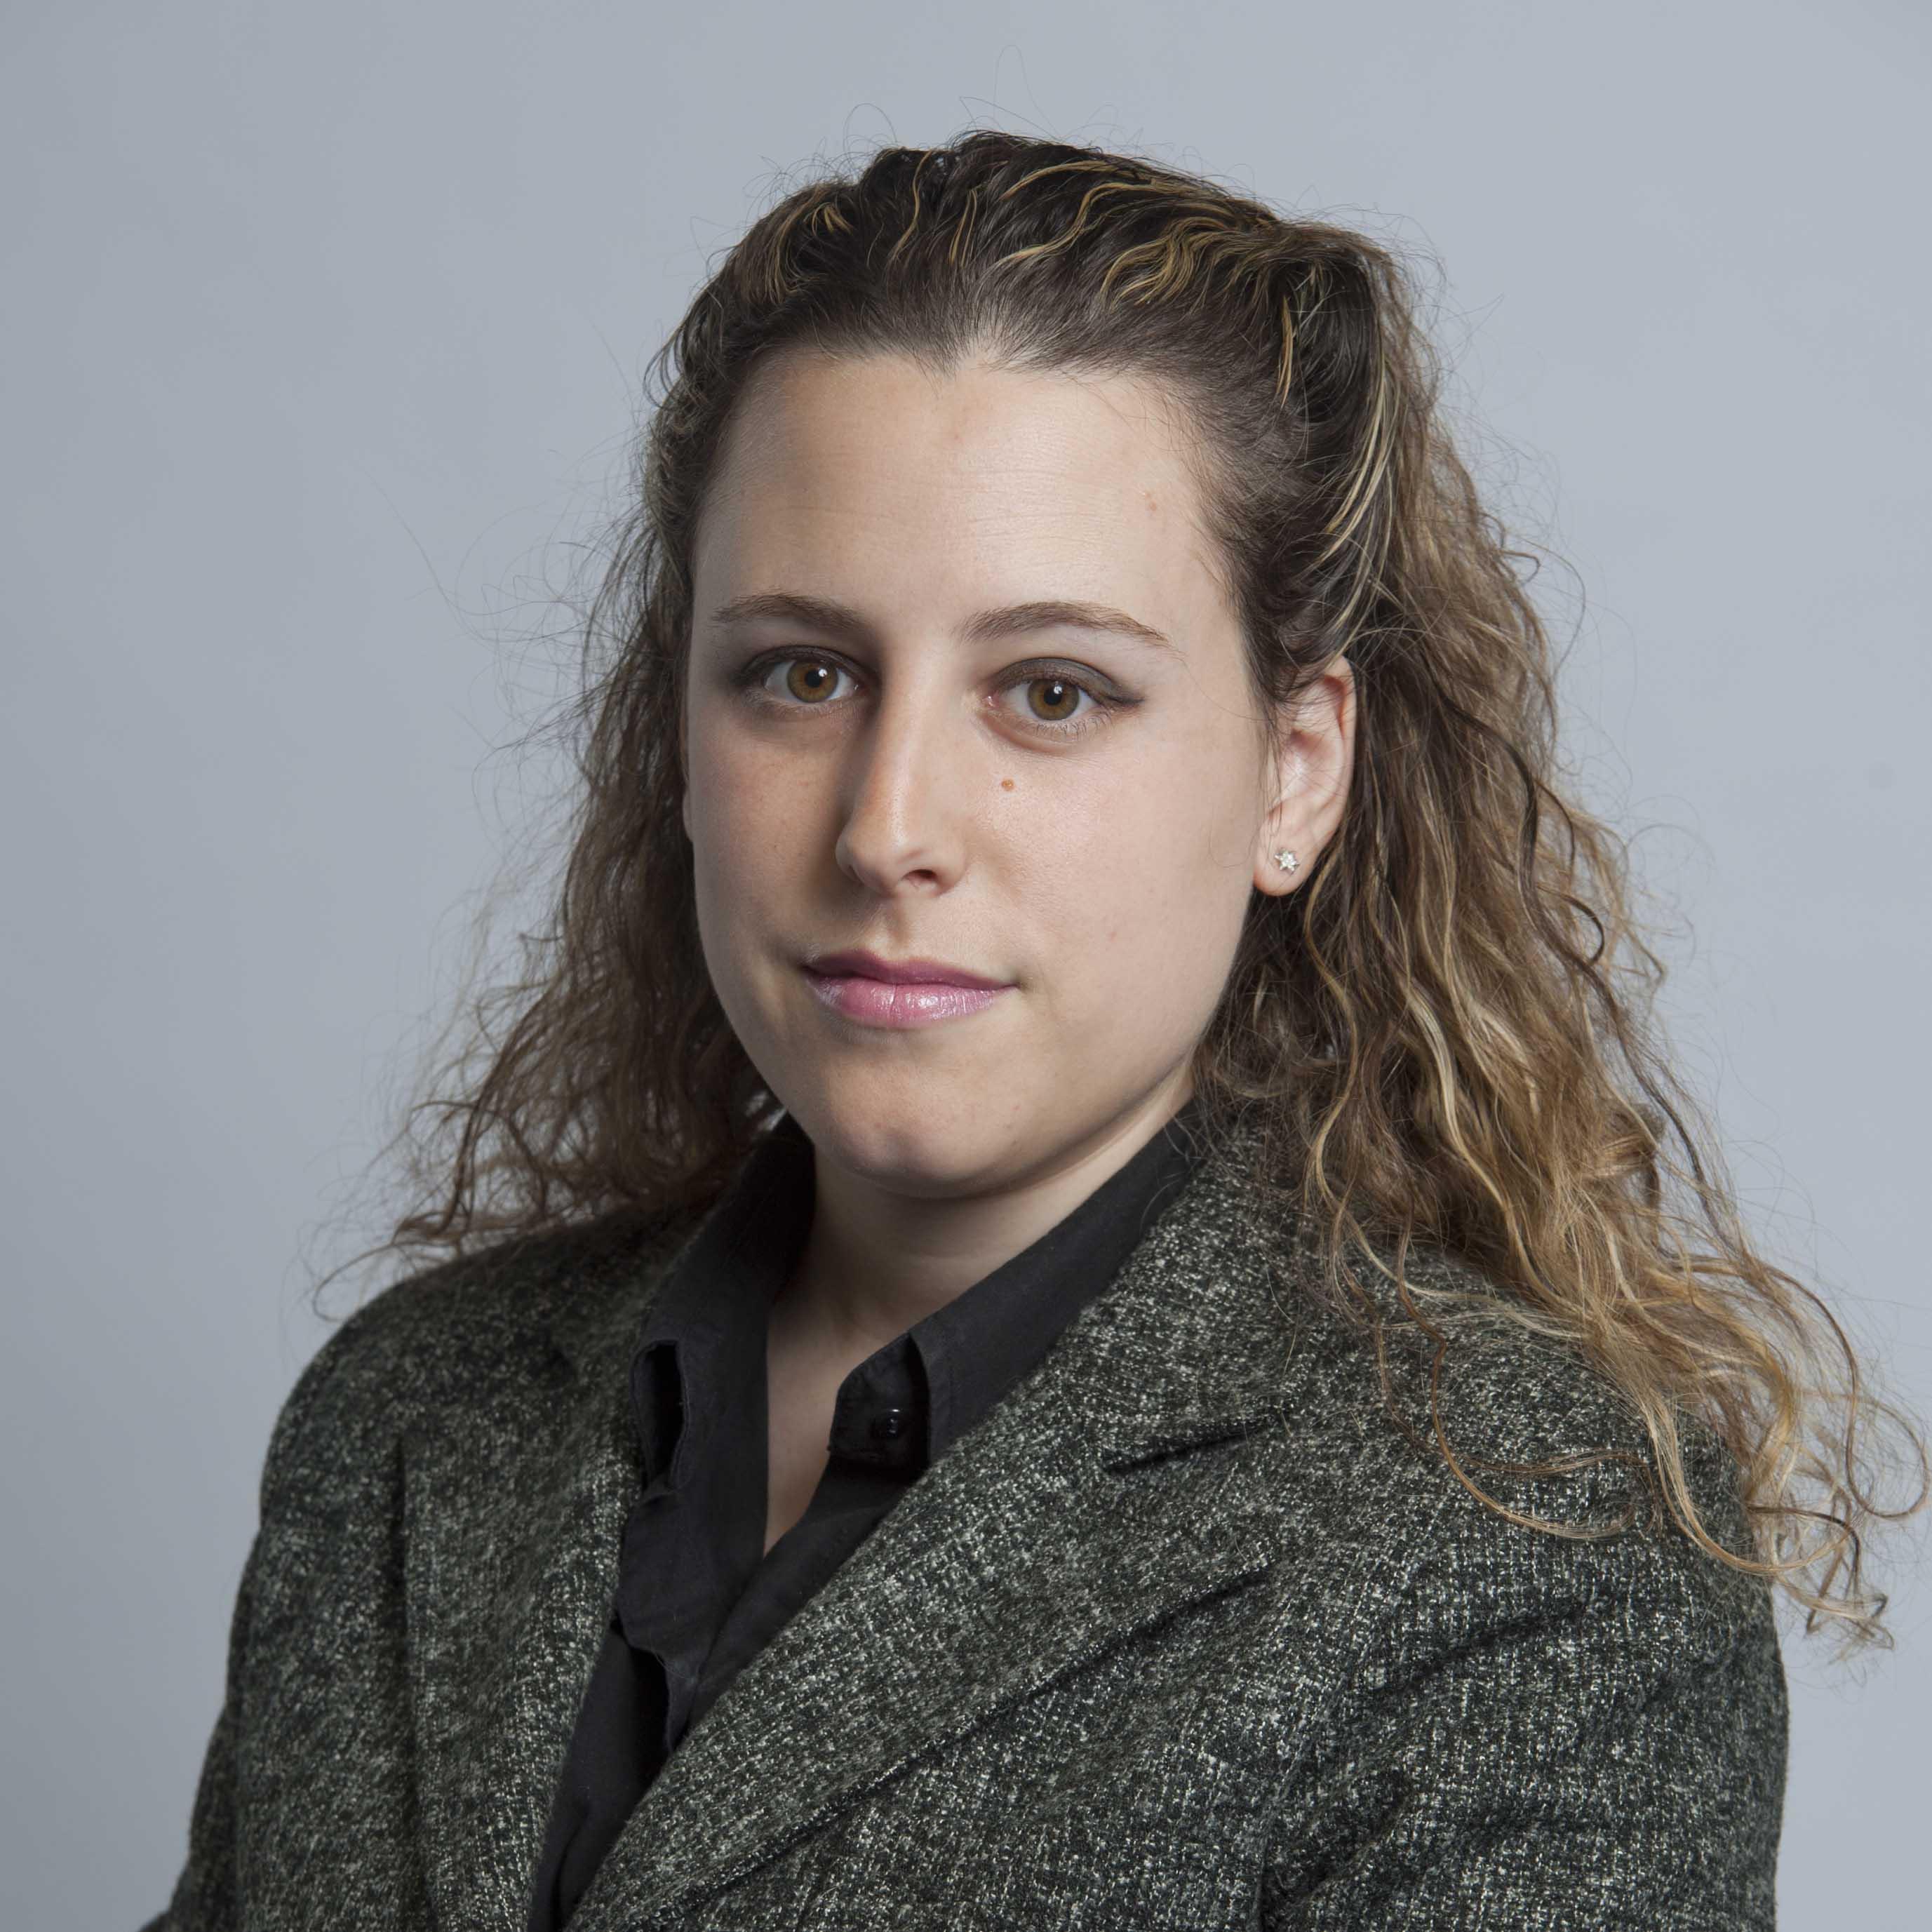 Photograph of Silvia Martínez Martínez